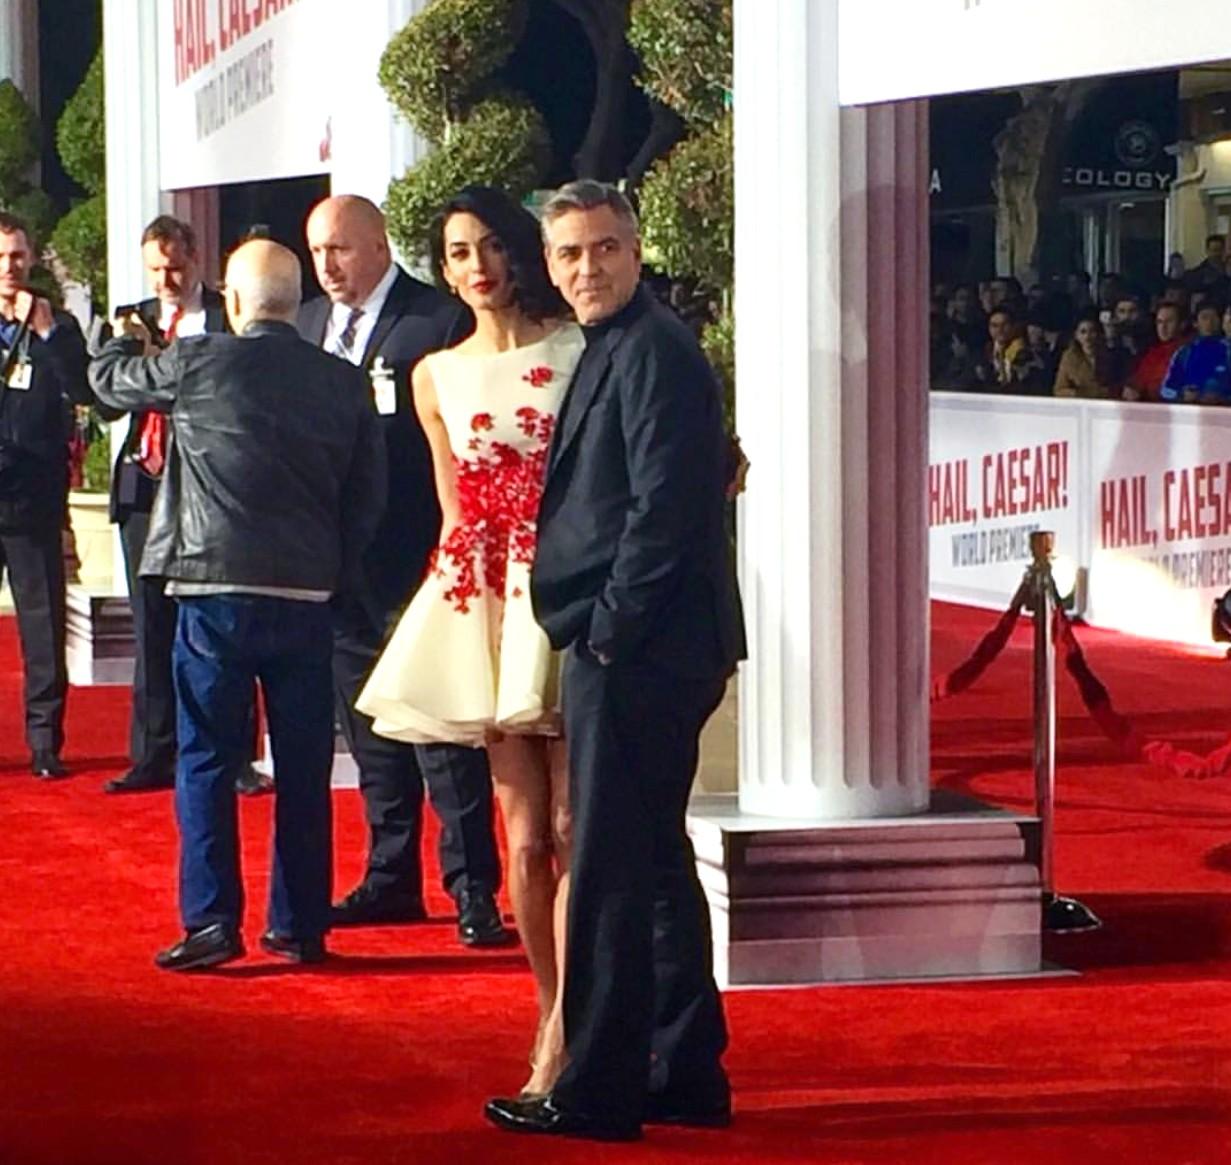 Hail Caesar, movie premiere, George Clooney, LA